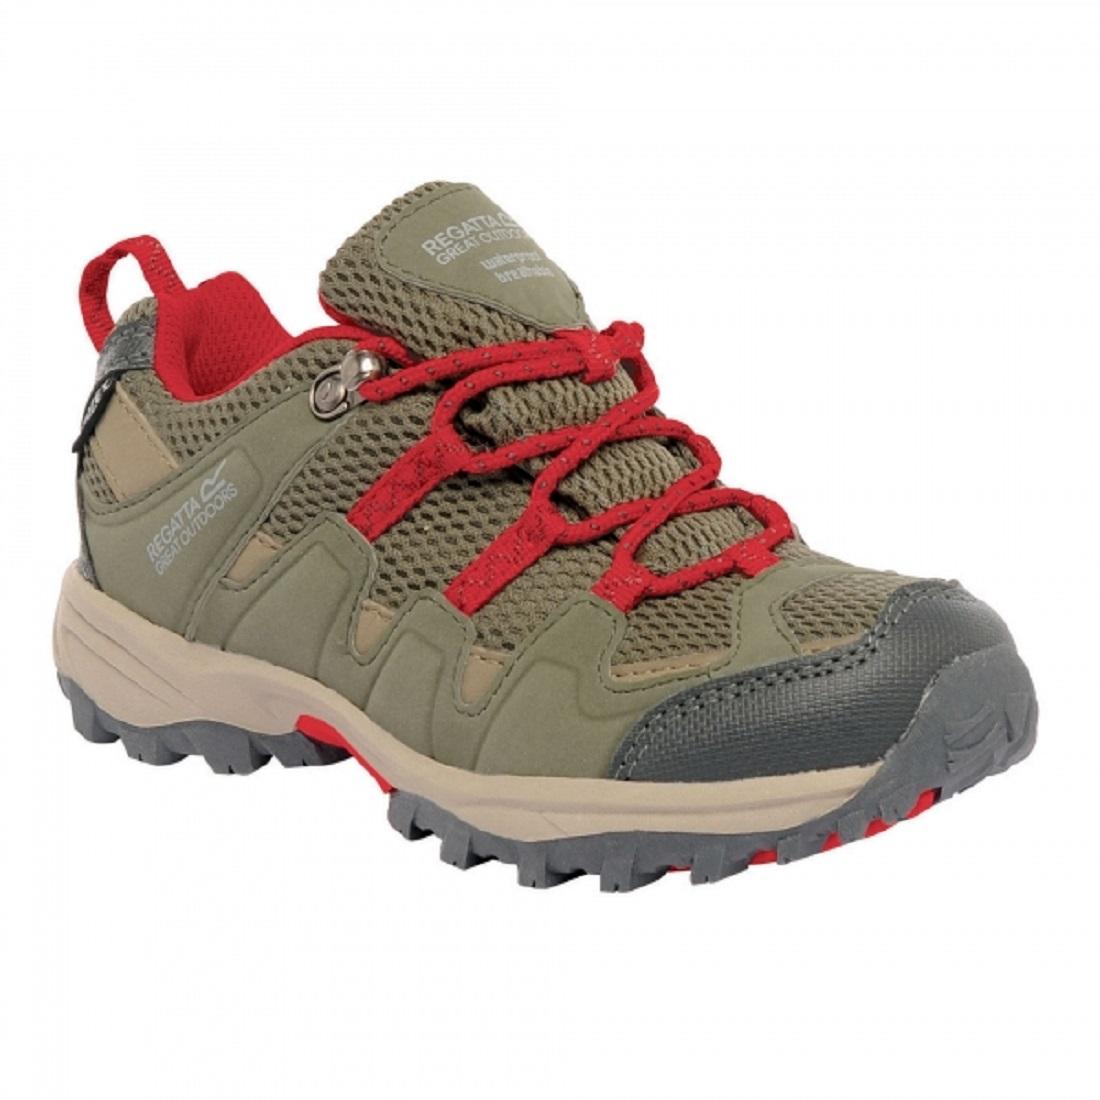 Regatta-Garsdale-Low-Kids-Water-Resistant-Breathable-Walking-Shoe